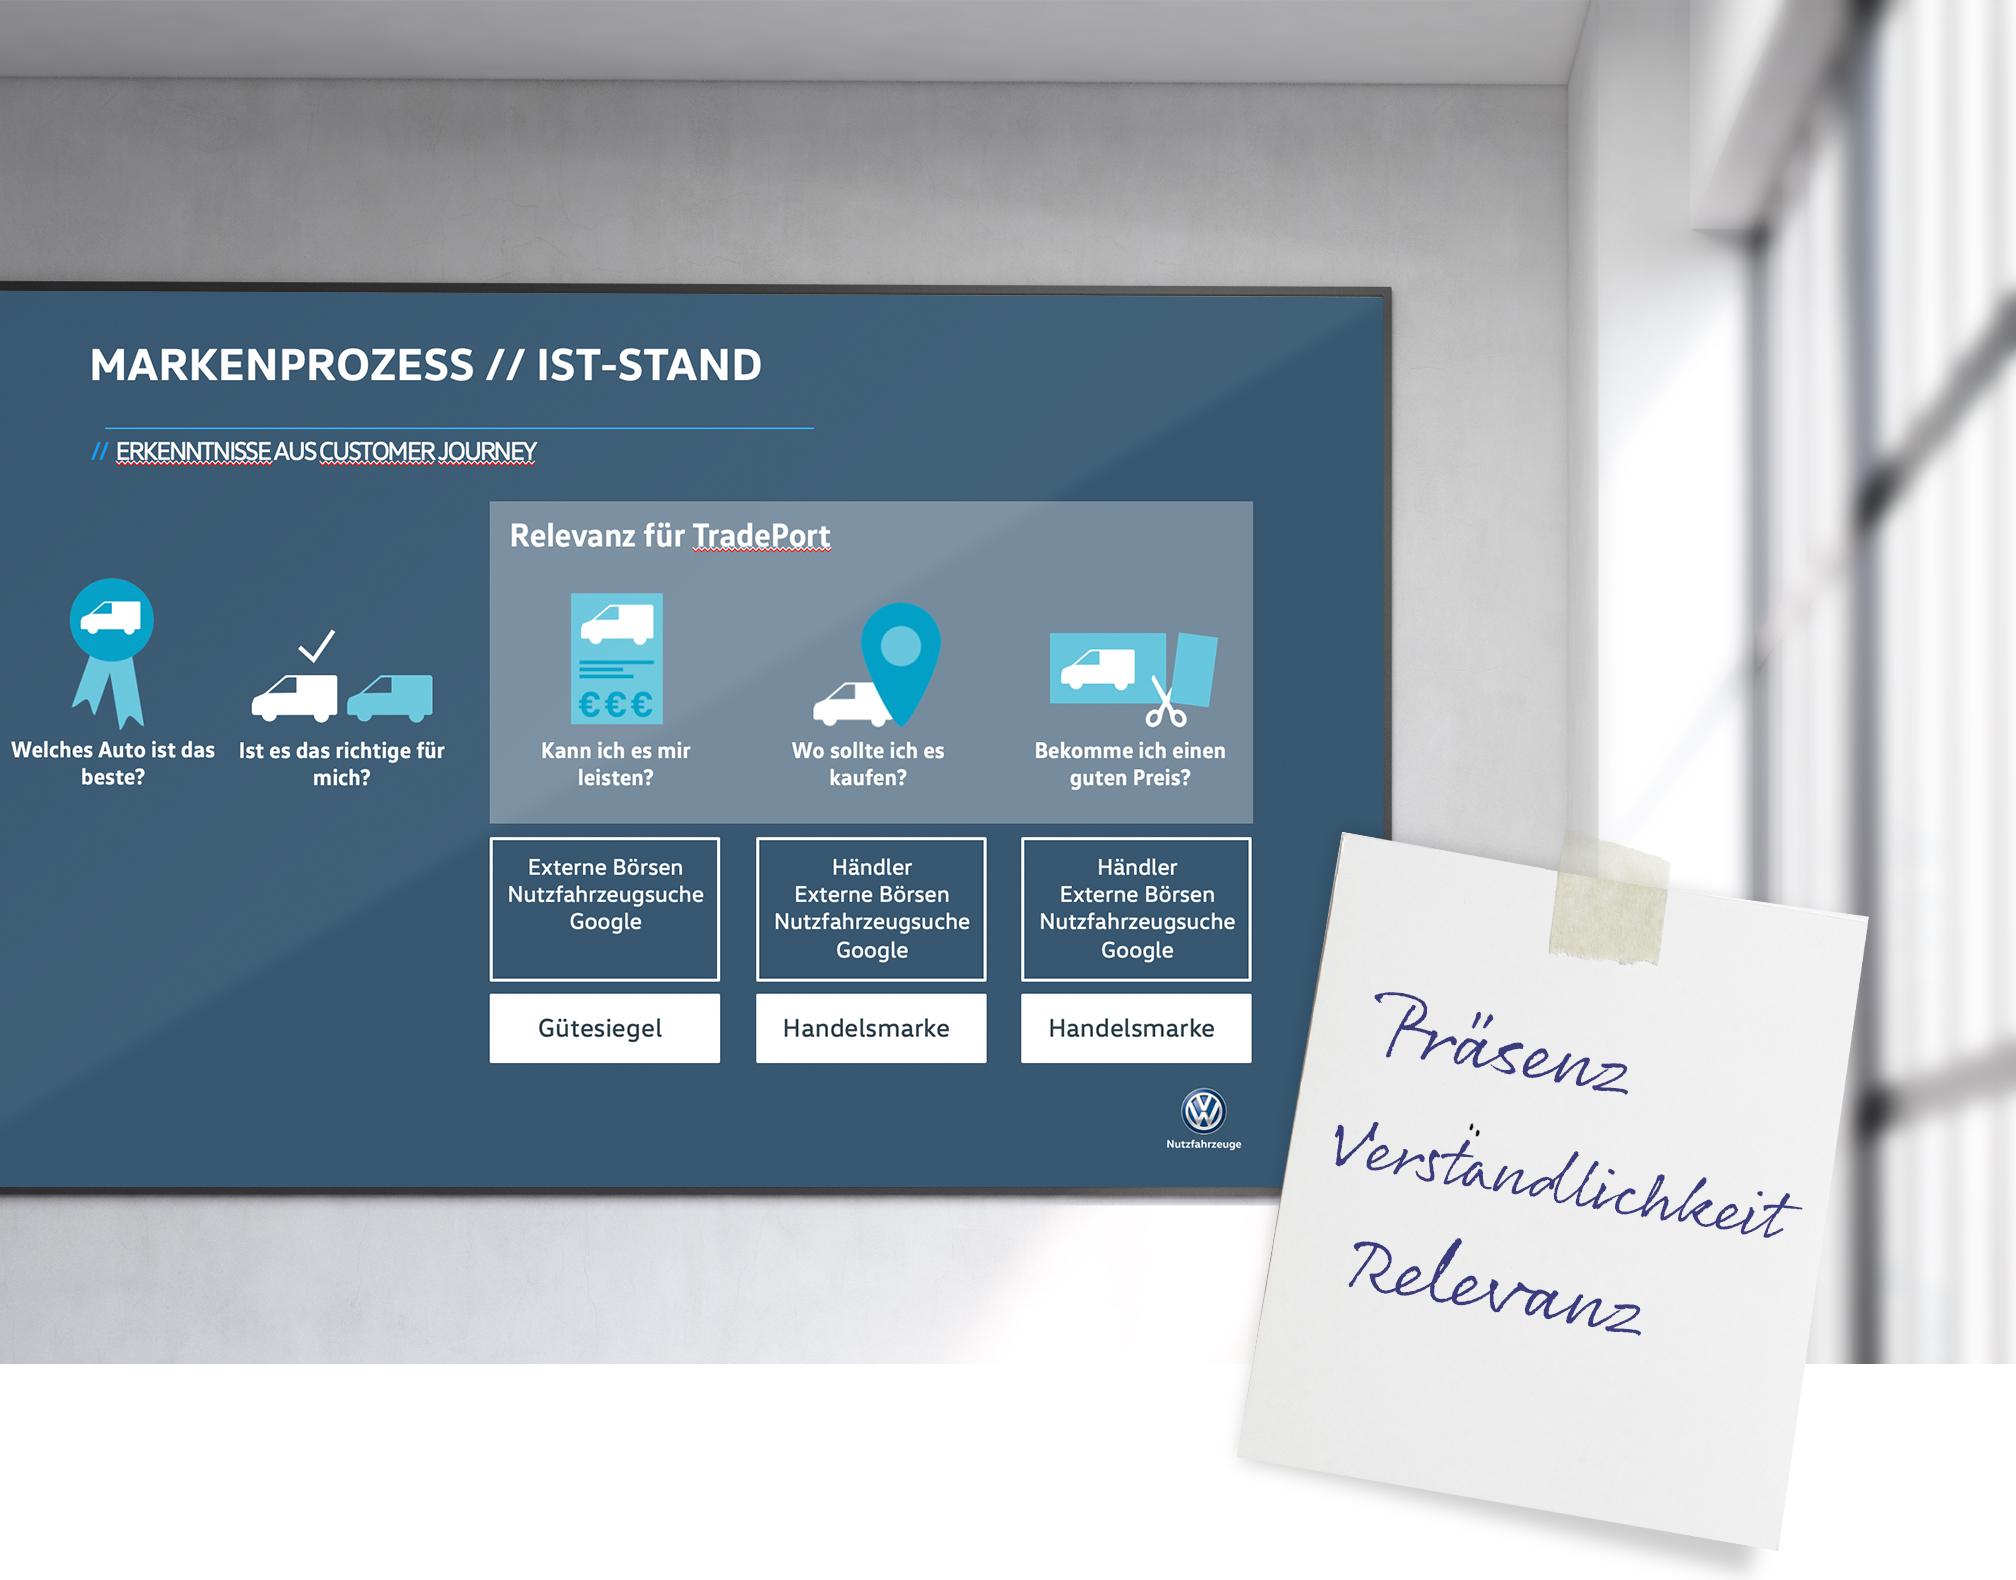 Abbildung der Präsentation zu dem IST-Stand des Markenprozess